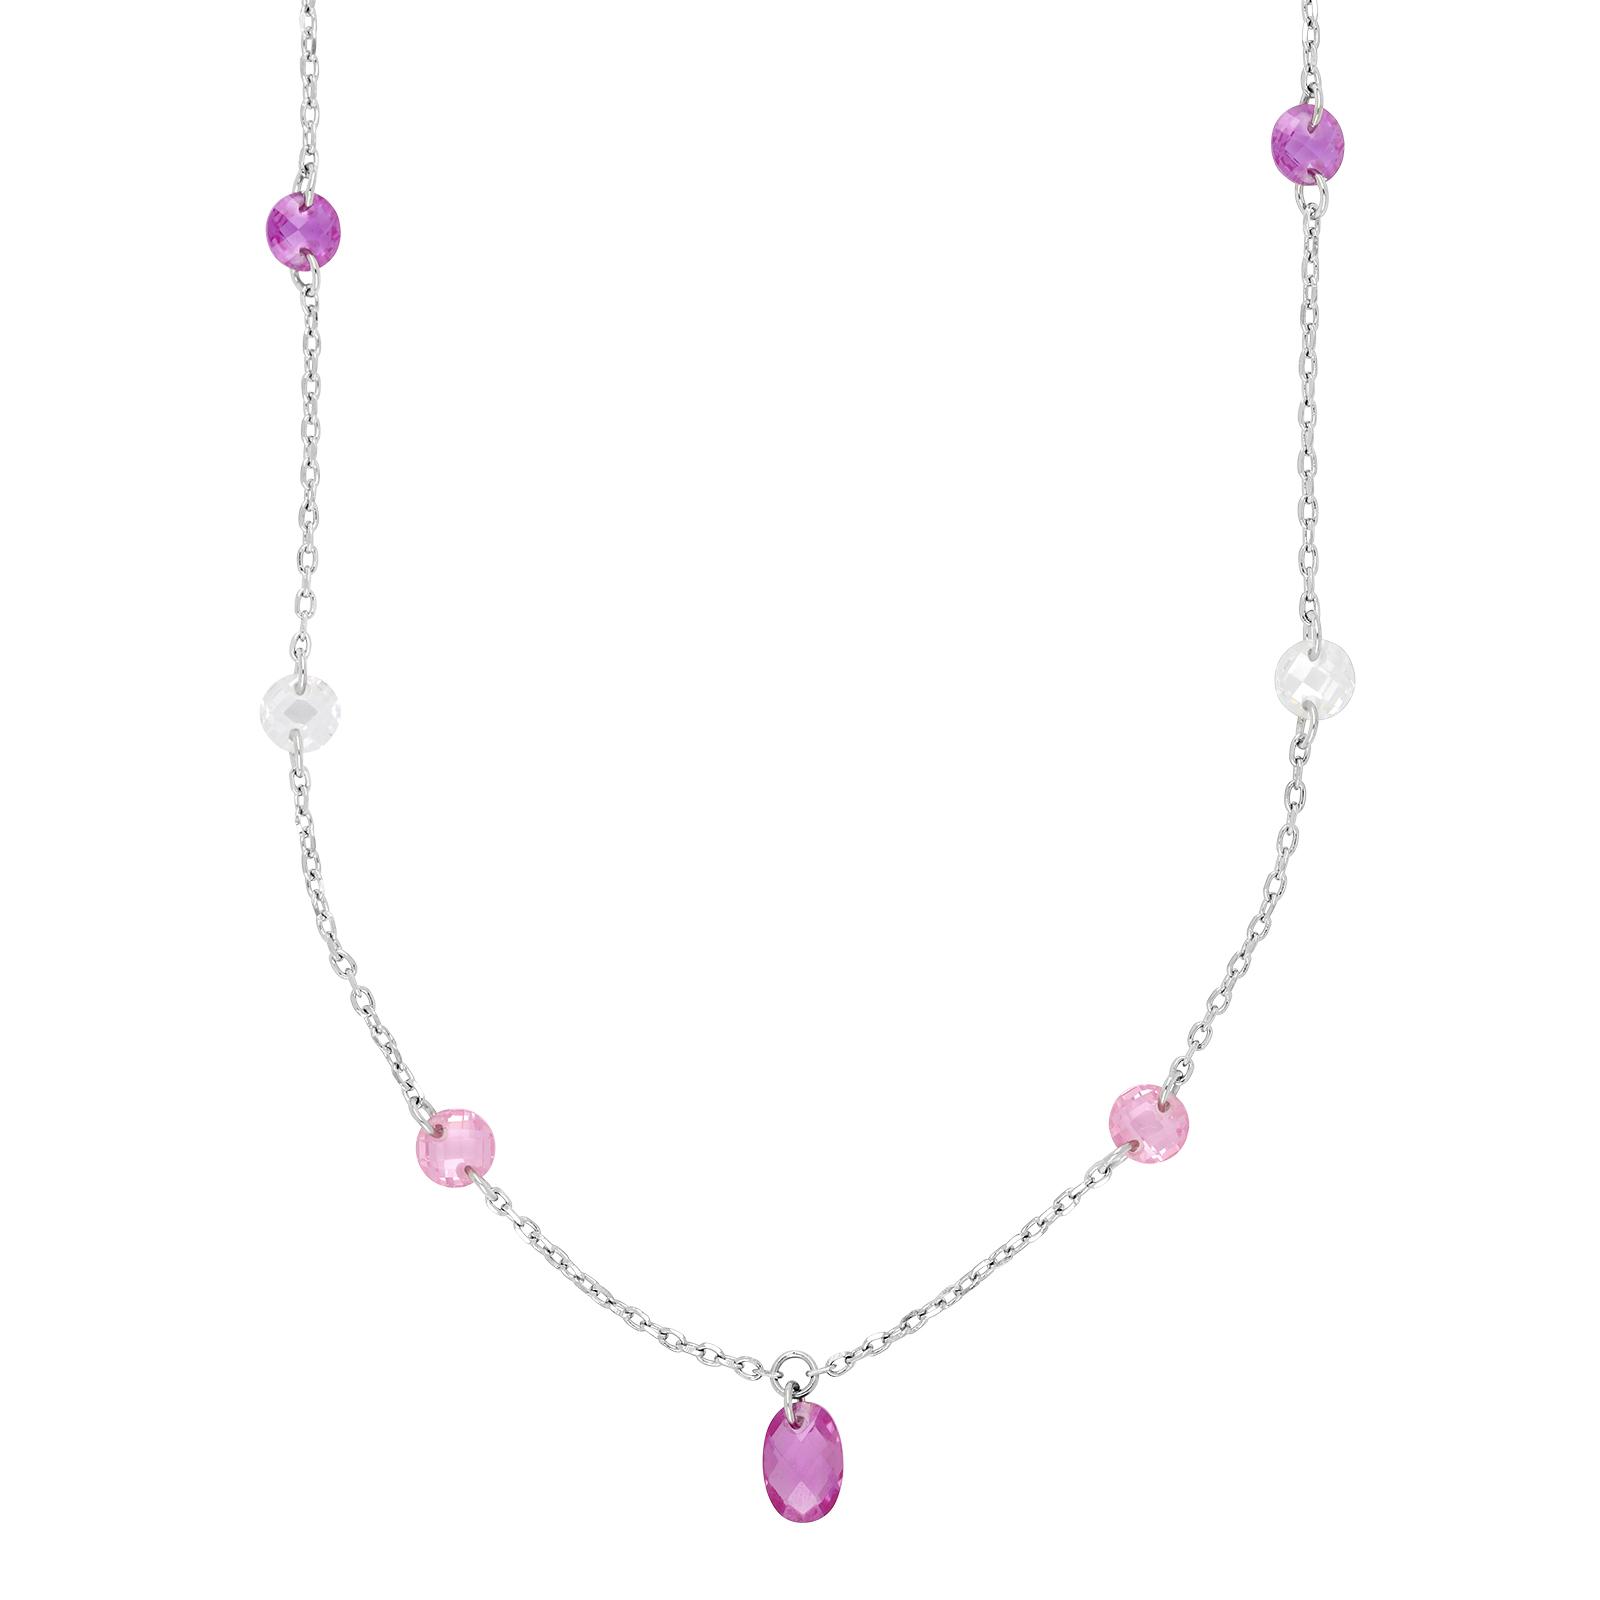 Rhodineret sølv halskæde med pink sten fra Joanli Nor